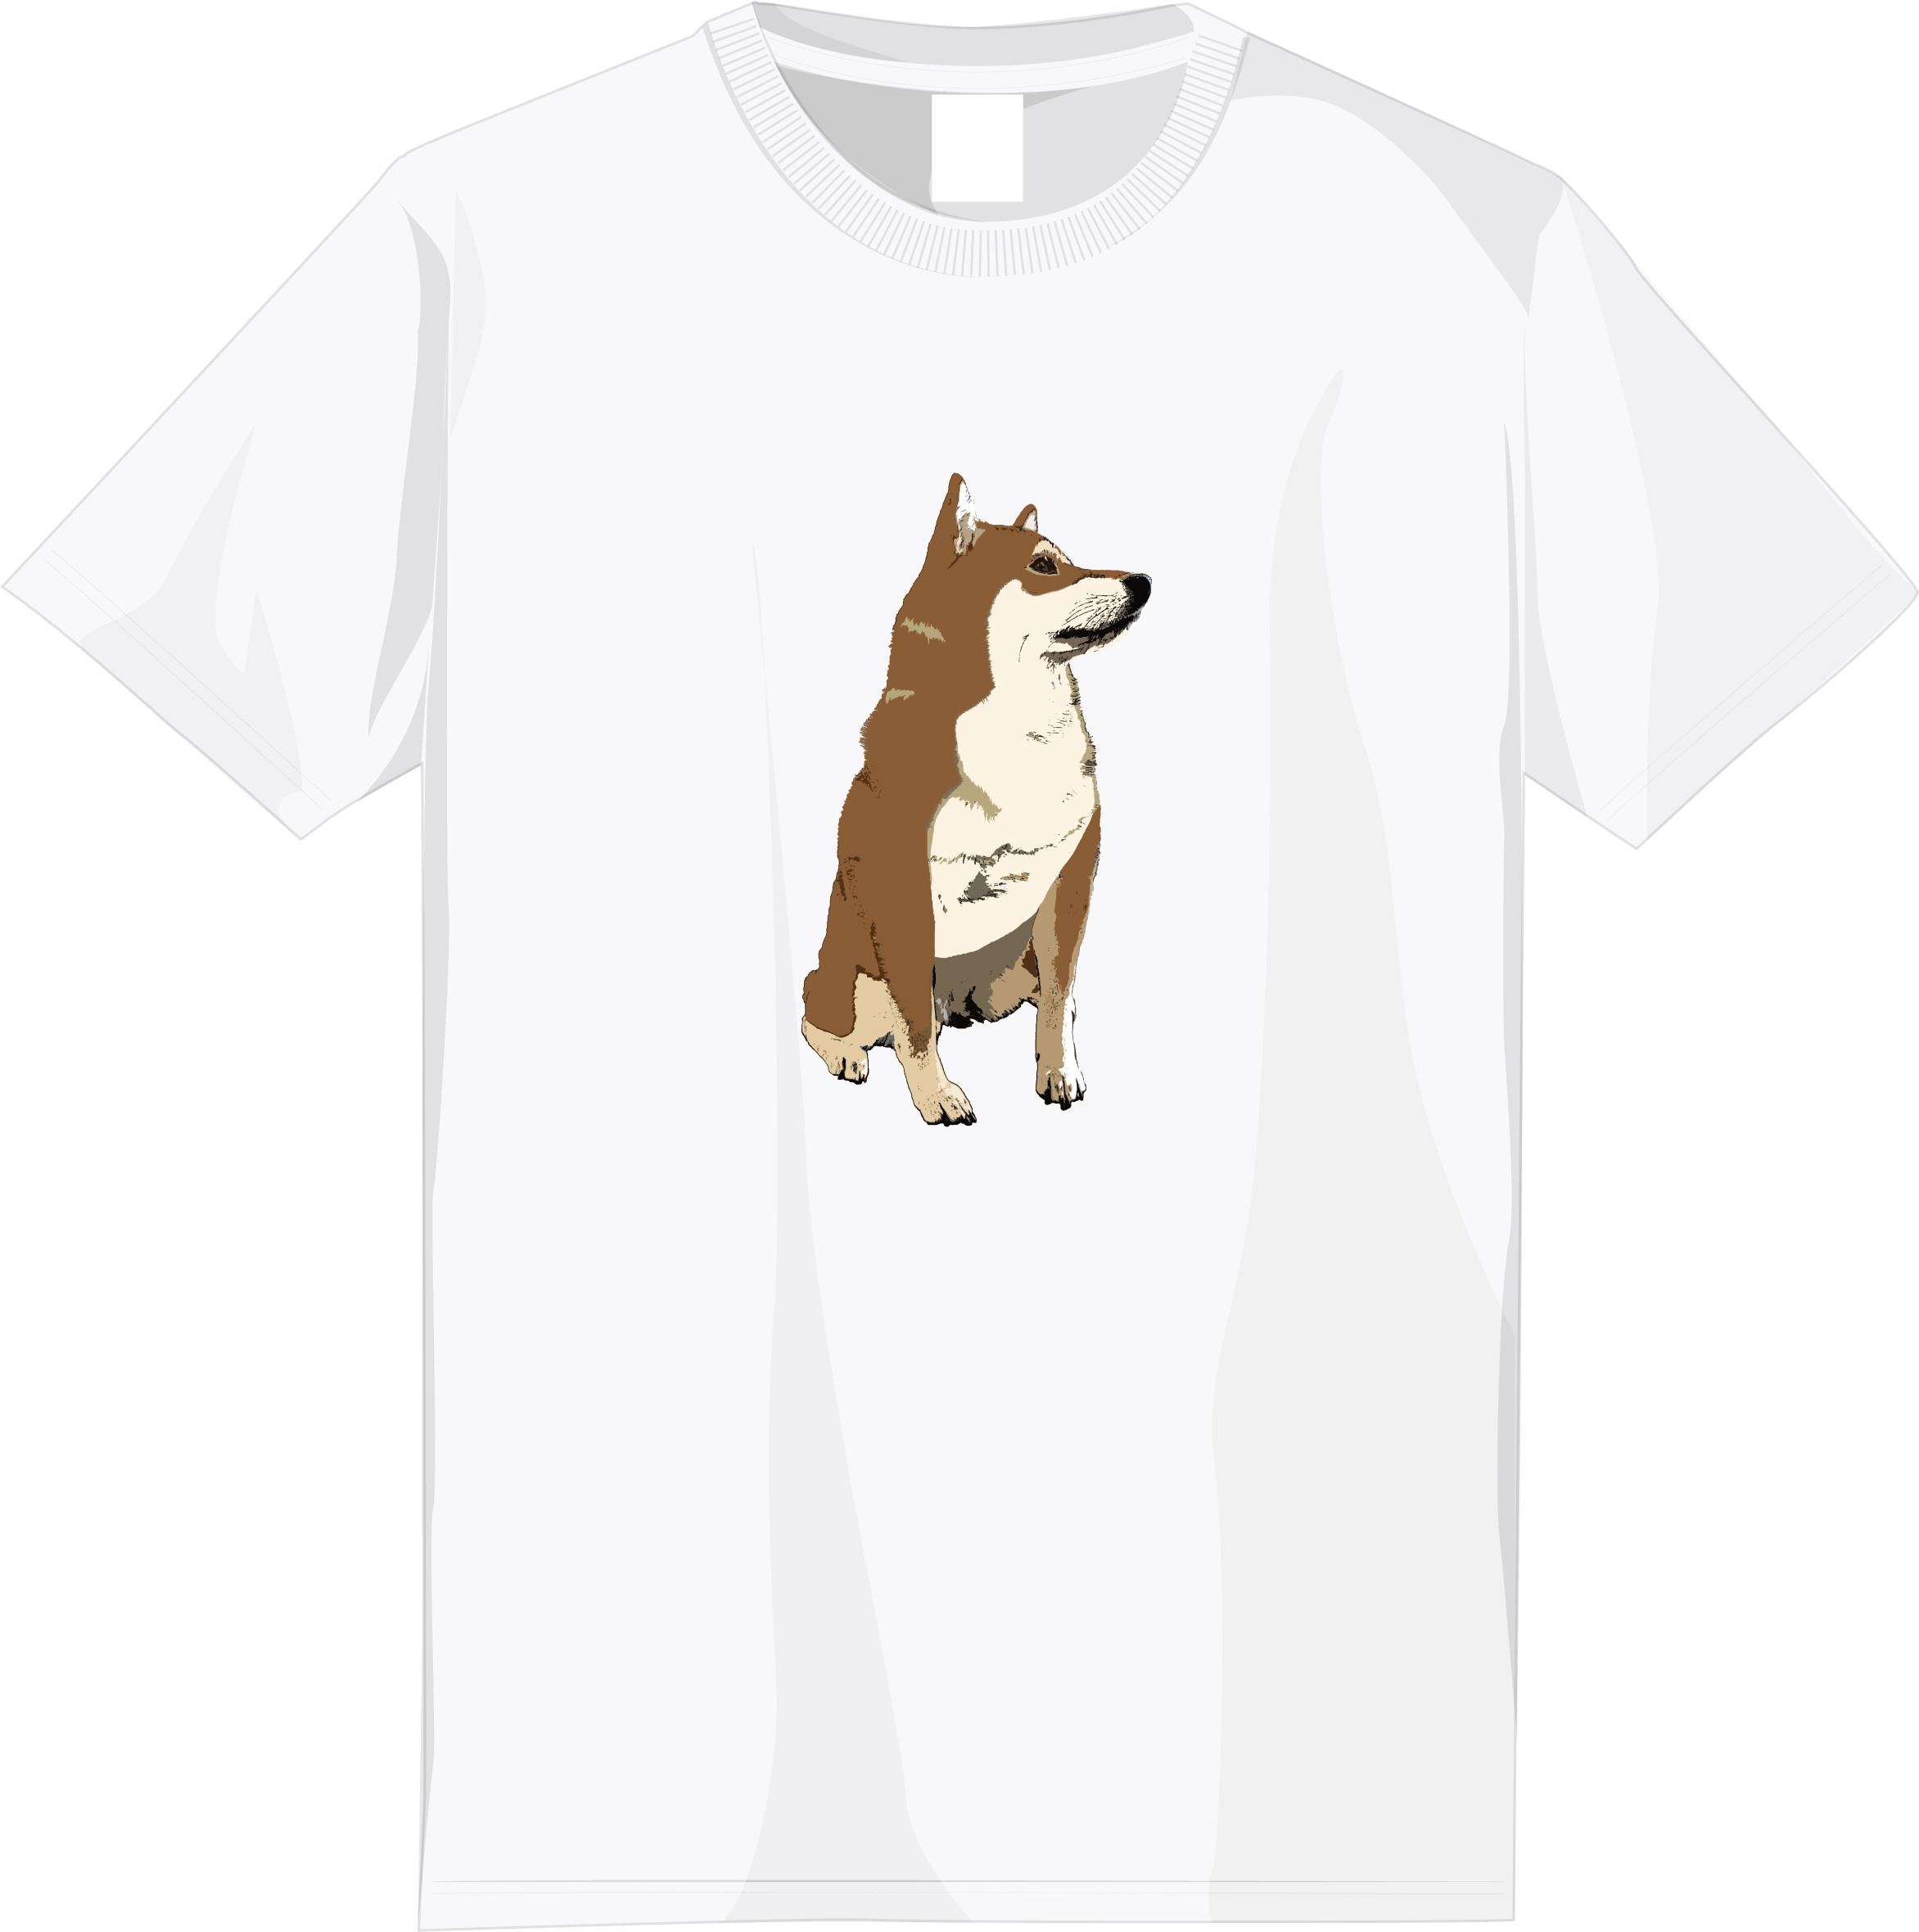 【期間限定受注】選べる全6種!フルカラー柴犬デザインTシャツ<④:赤柴文字なしタイプ>